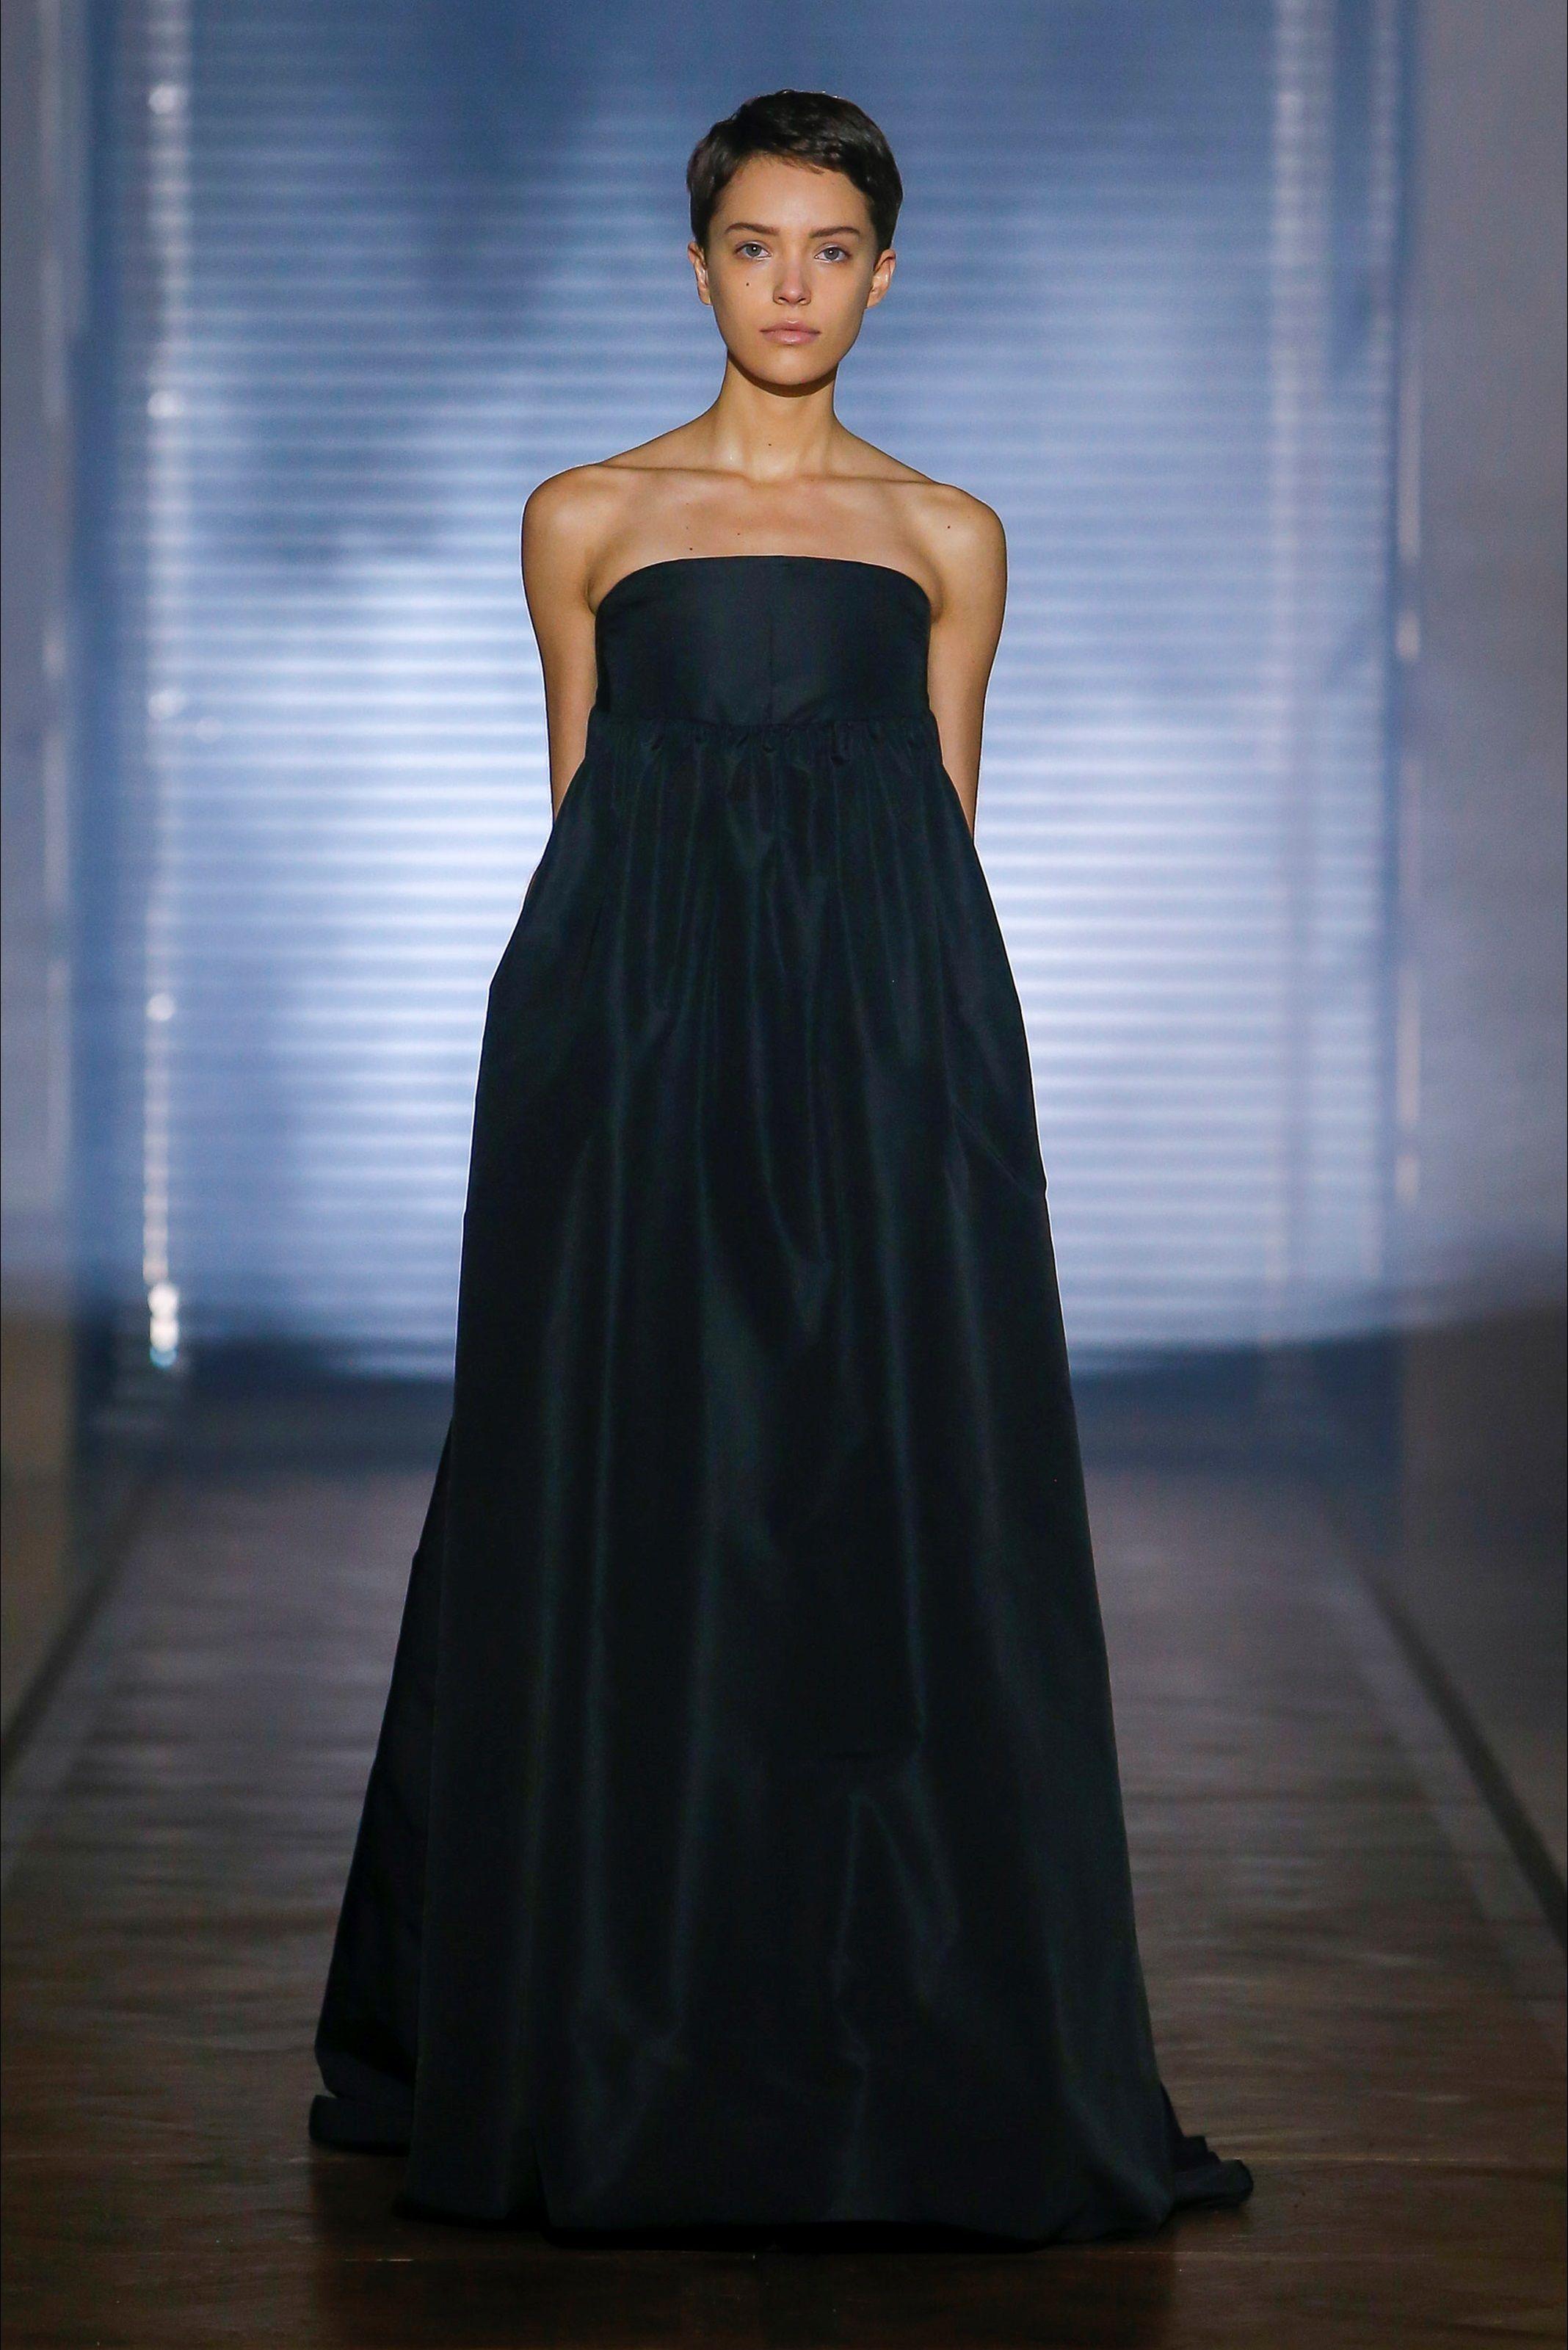 89d489a221988 Sfilata Givenchy Parigi - Alta Moda Primavera Estate 2018 - Vogue ...